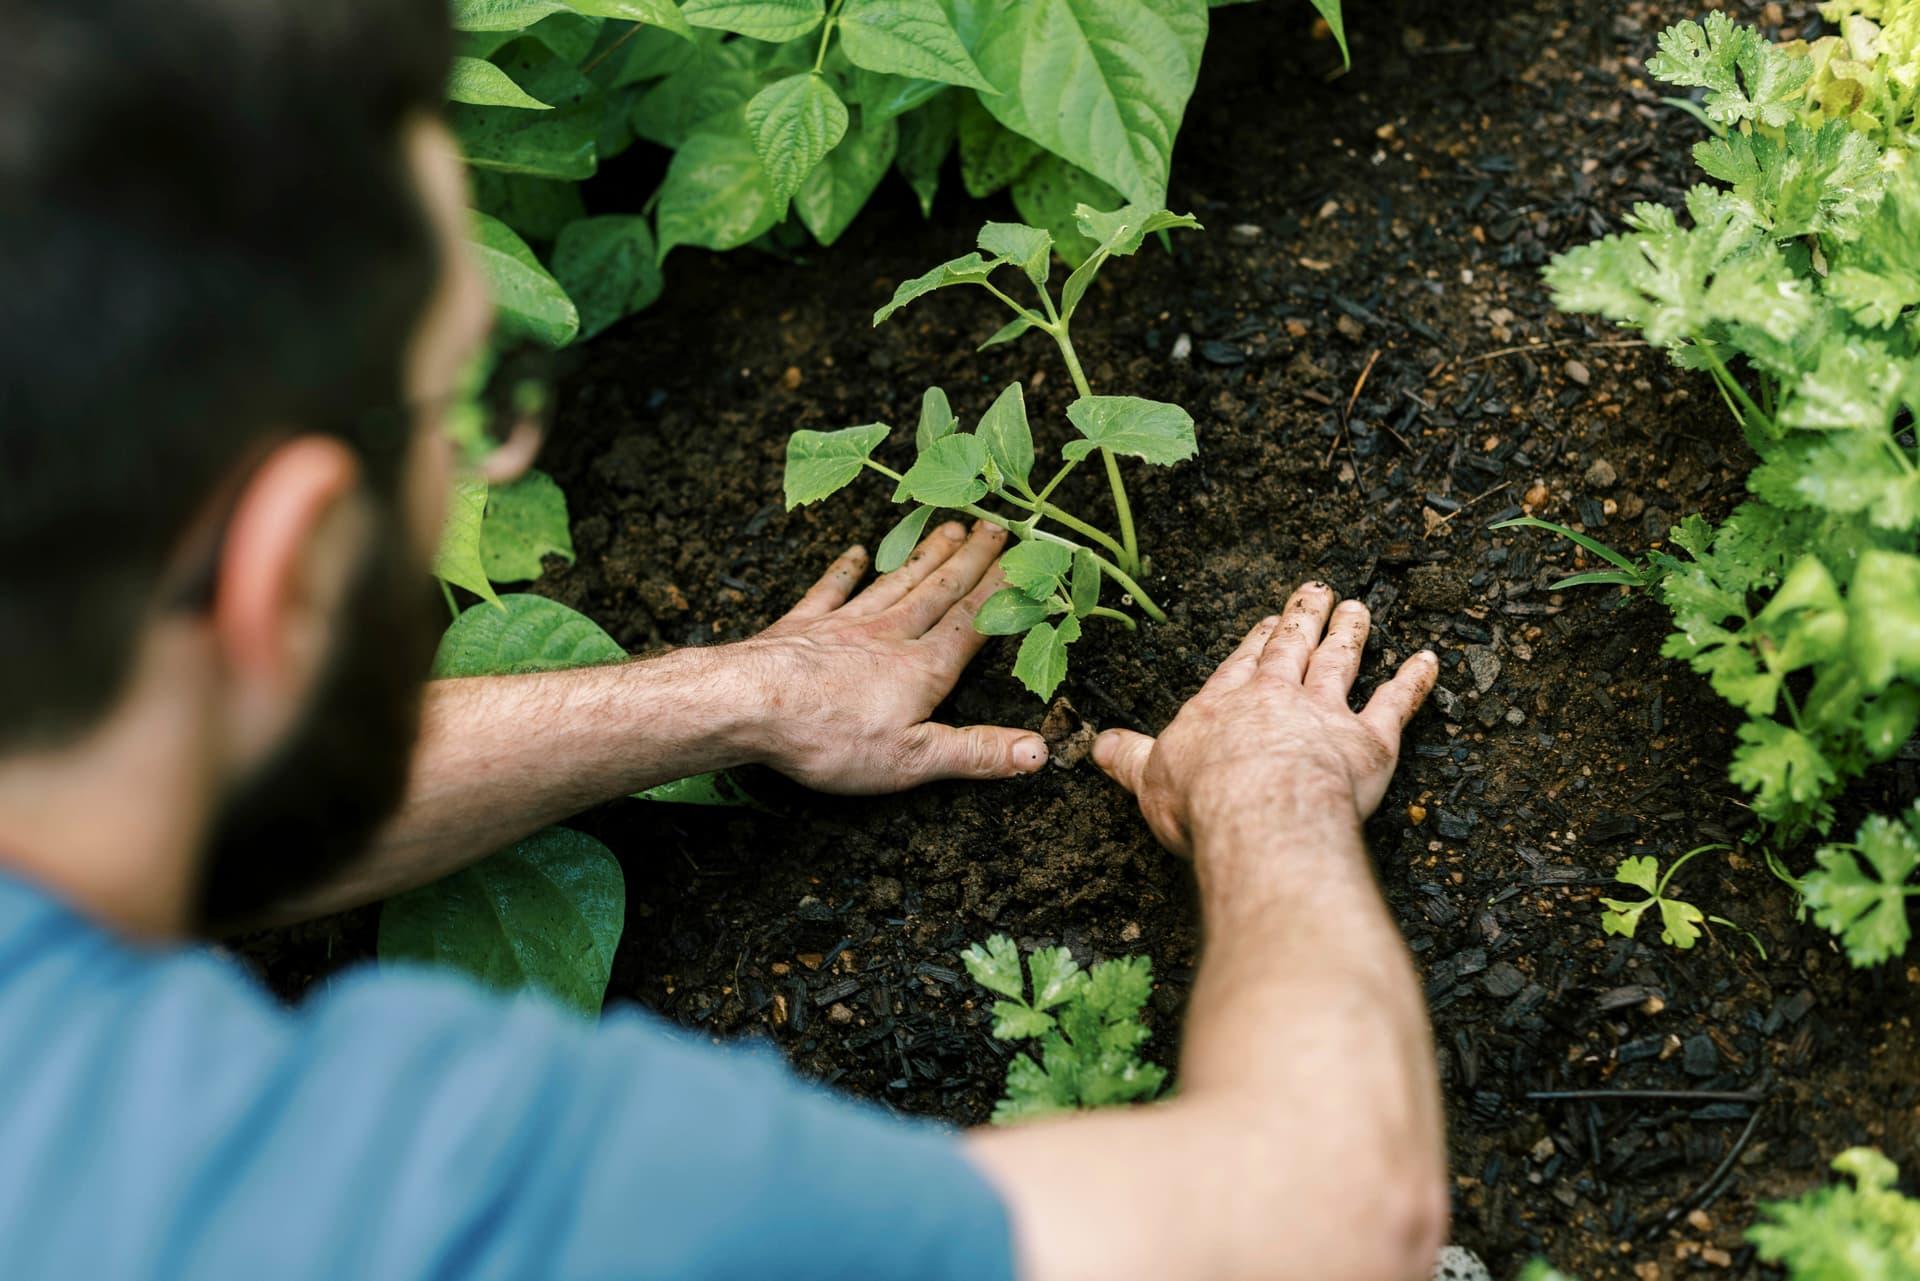 Mann pflanzt Grünpflanze ein